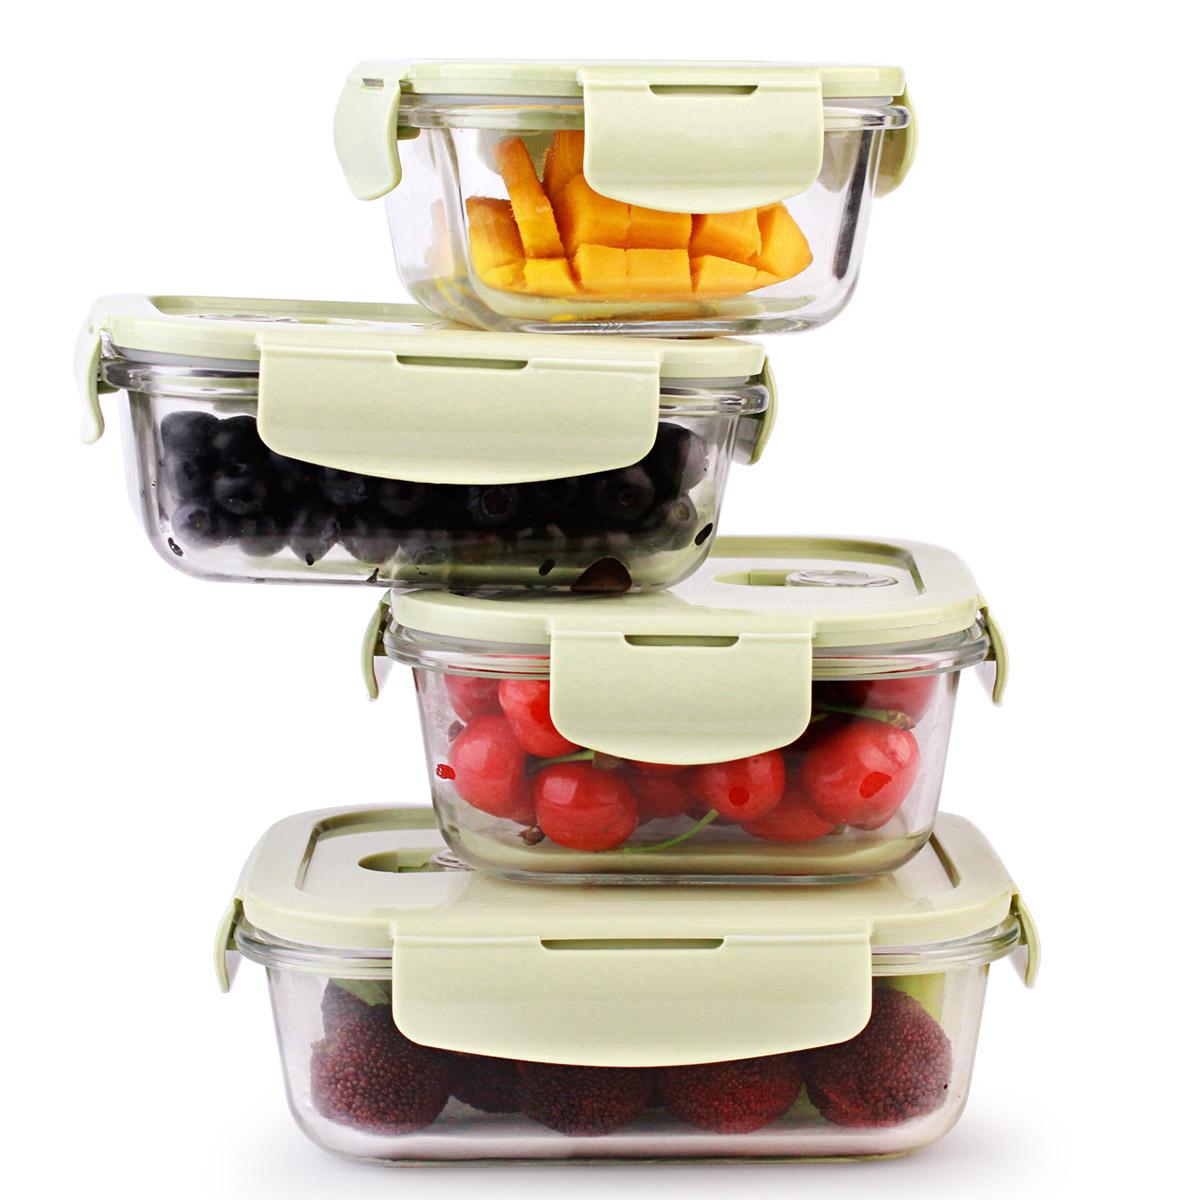 创得耐热玻璃饭盒微波炉专用保鲜盒收纳带盖玻璃碗套装